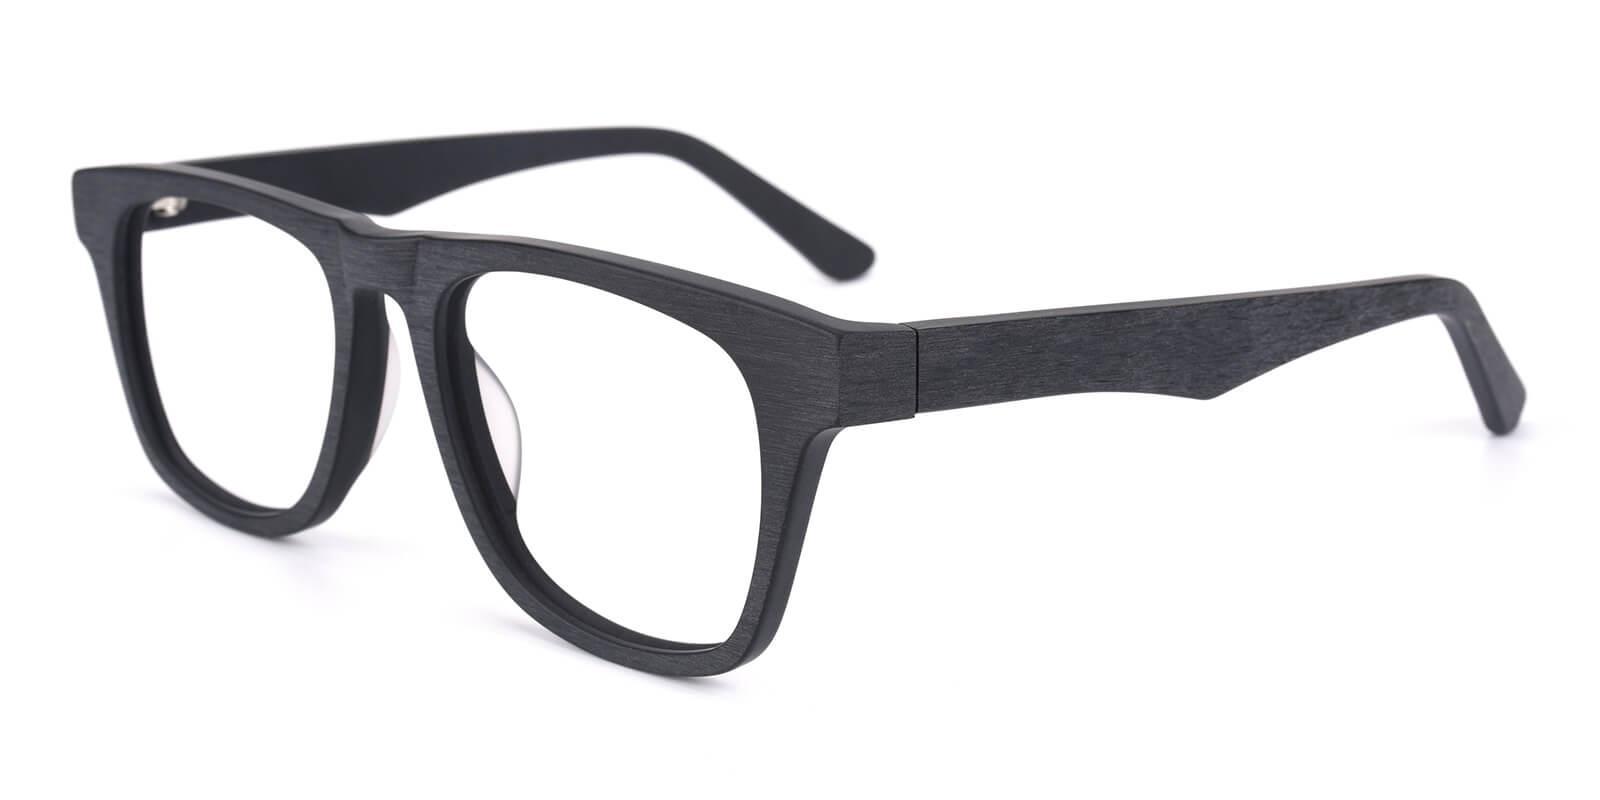 Nashive-Black-Rectangle-Acetate-Eyeglasses-additional1